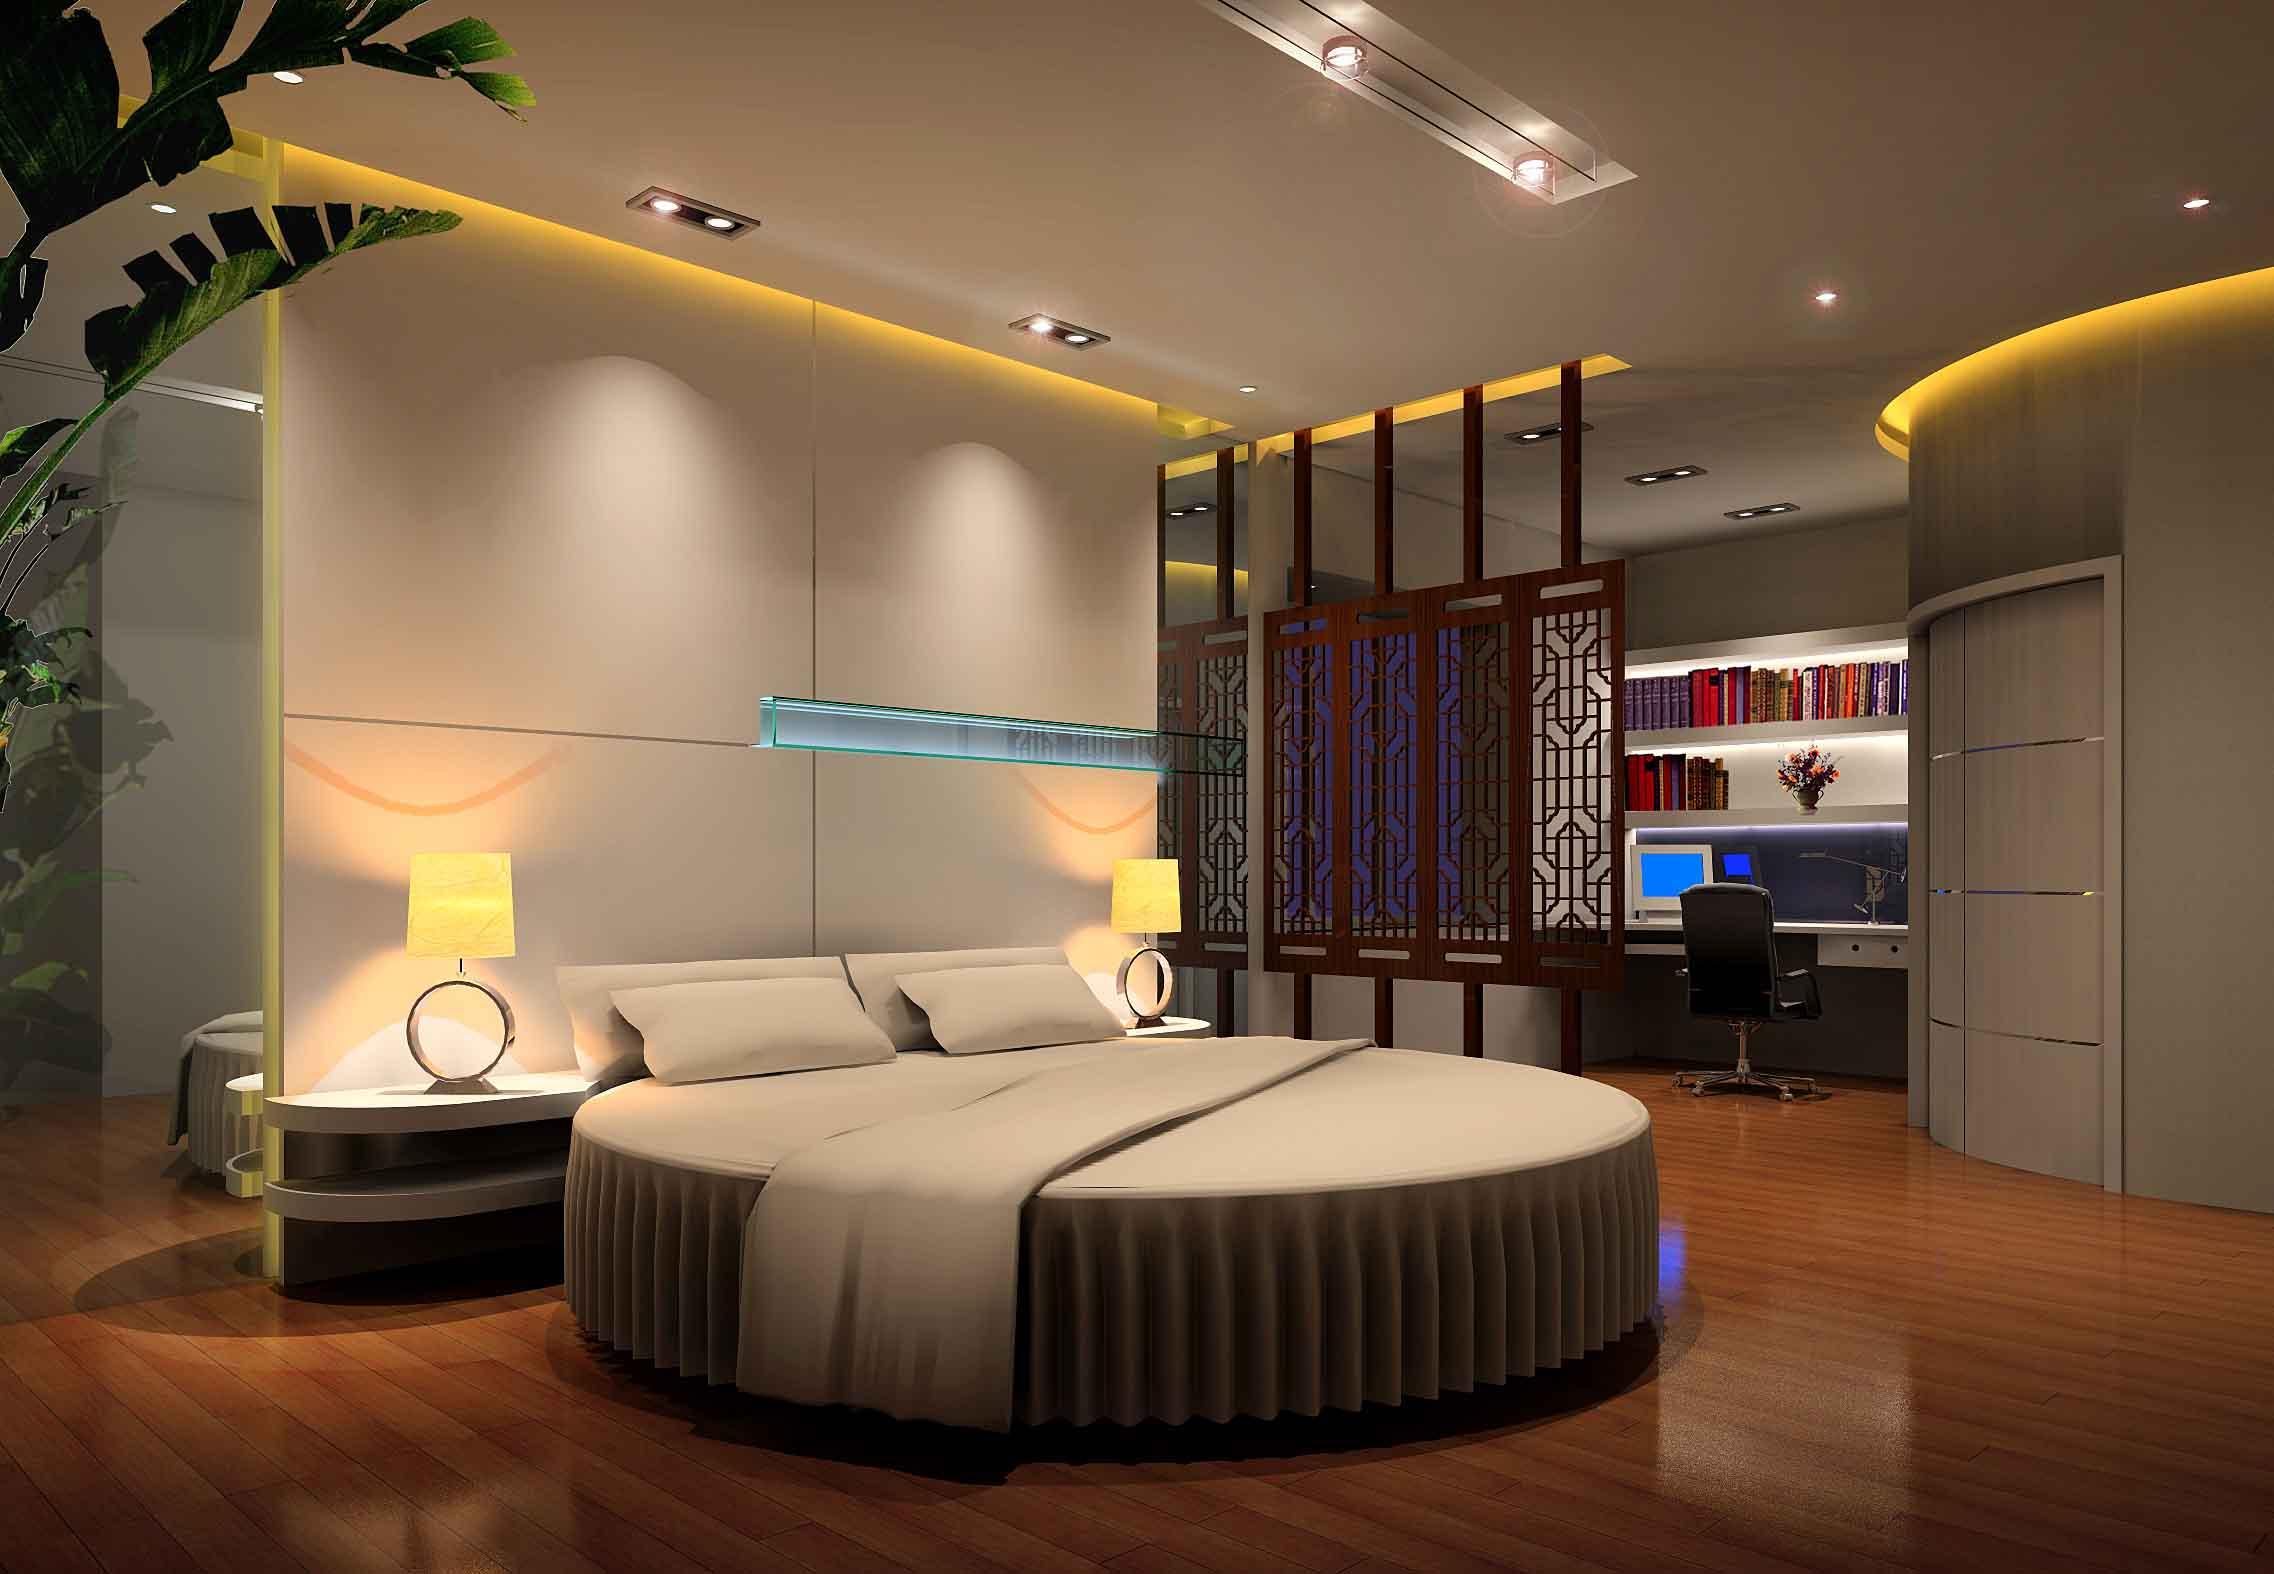 圆床房间装饰设计,圆床房间装修,圆床房间设计平面图,烟台 高清图片